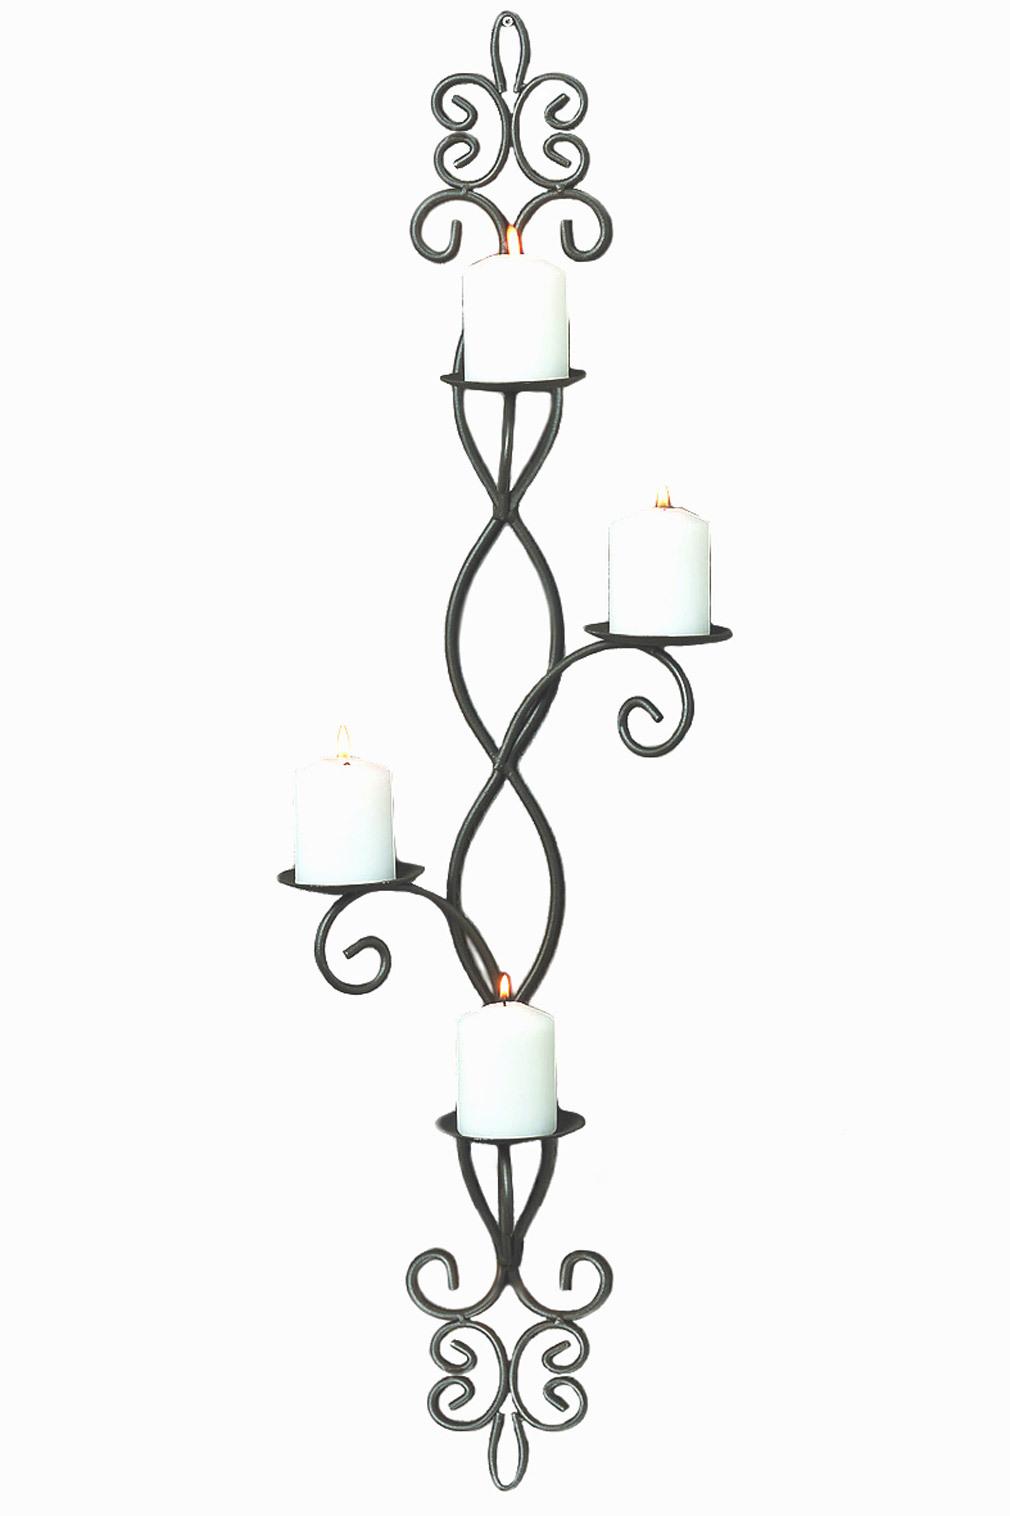 Wand-Kerzenleuchter Kerzenhalter für 4 Kerzen anthrazitfarben aus Metall Wanddeko